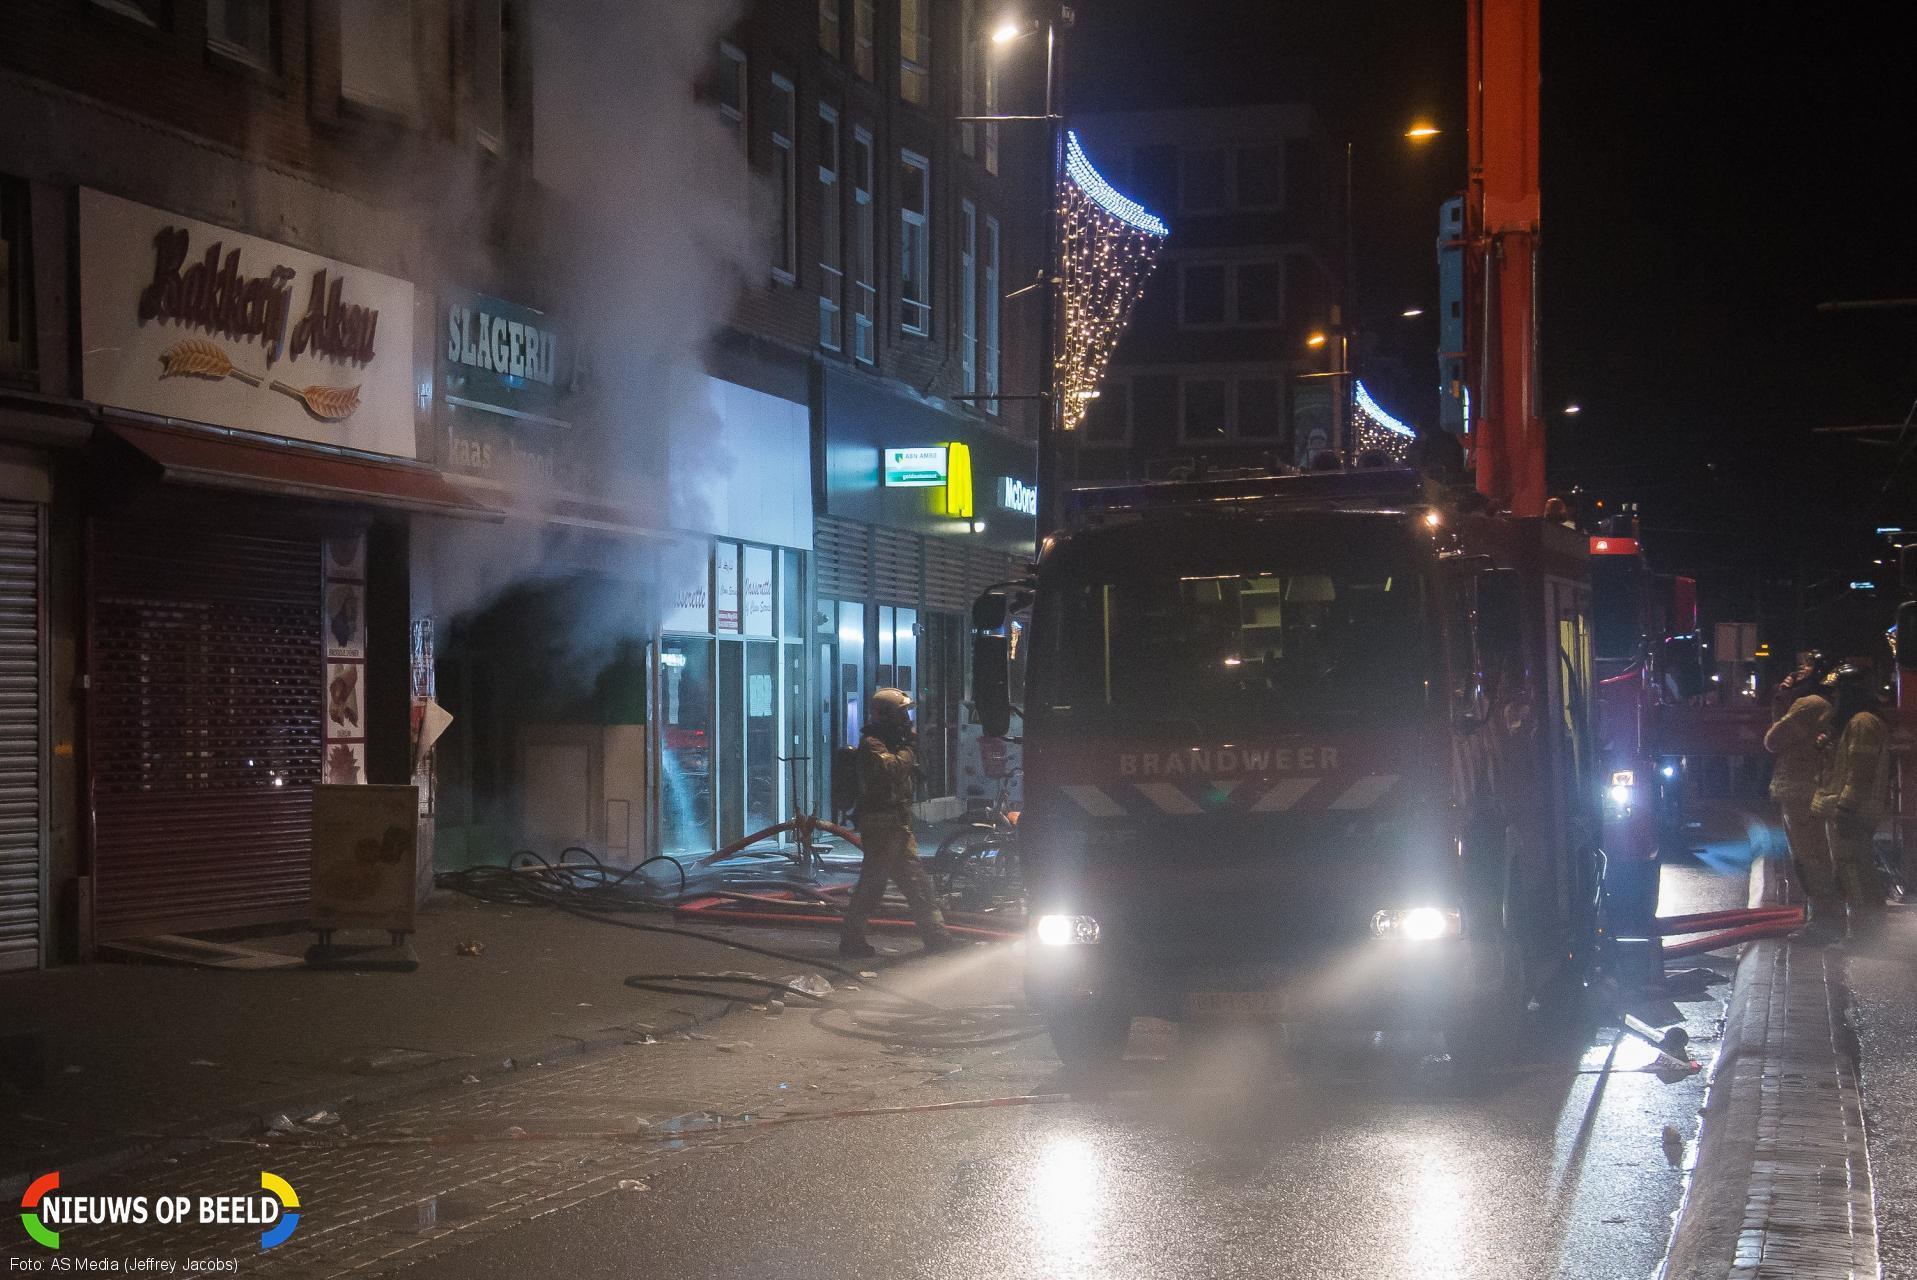 Brandweer redt bewoners uit huizen en van het dak na felle winkelbrand Schiedamseweg Rotterdam